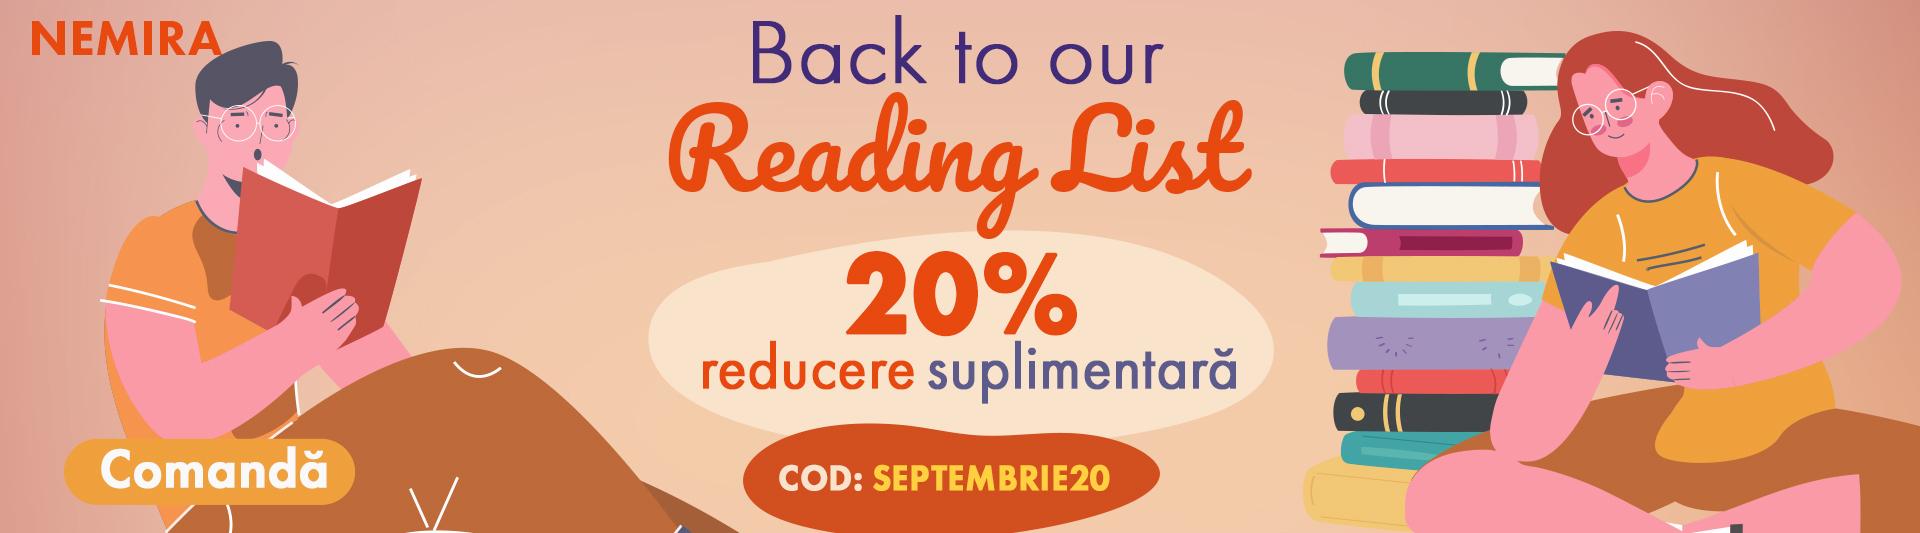 20% reducere suplimentară